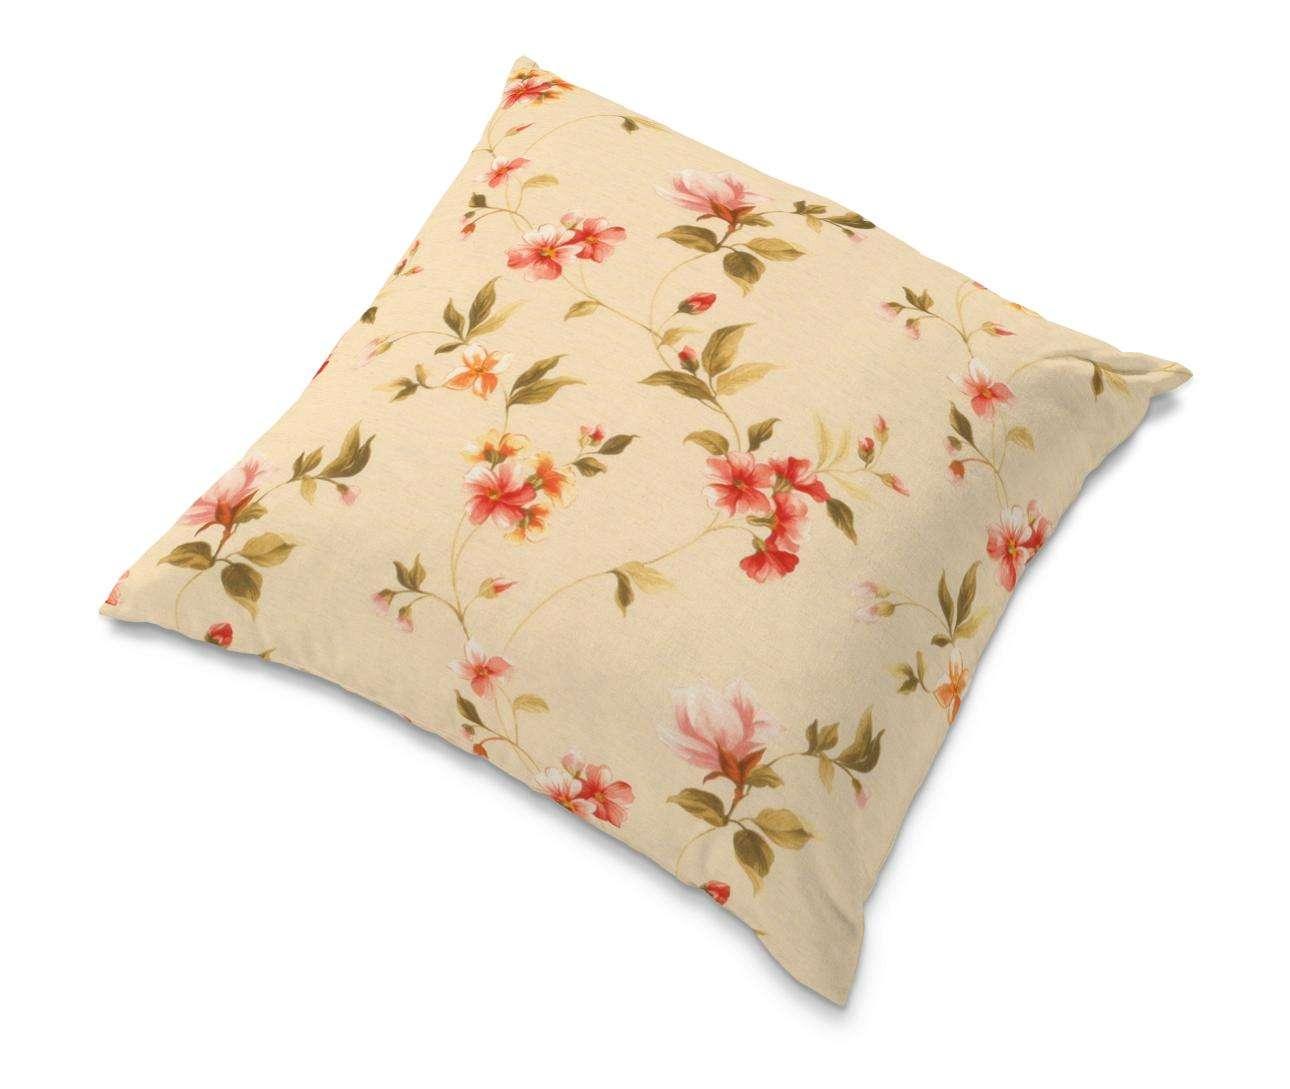 TOMELILLA pagalvėlės užvalkalas 55 x 55 cm kolekcijoje Londres, audinys: 124-05